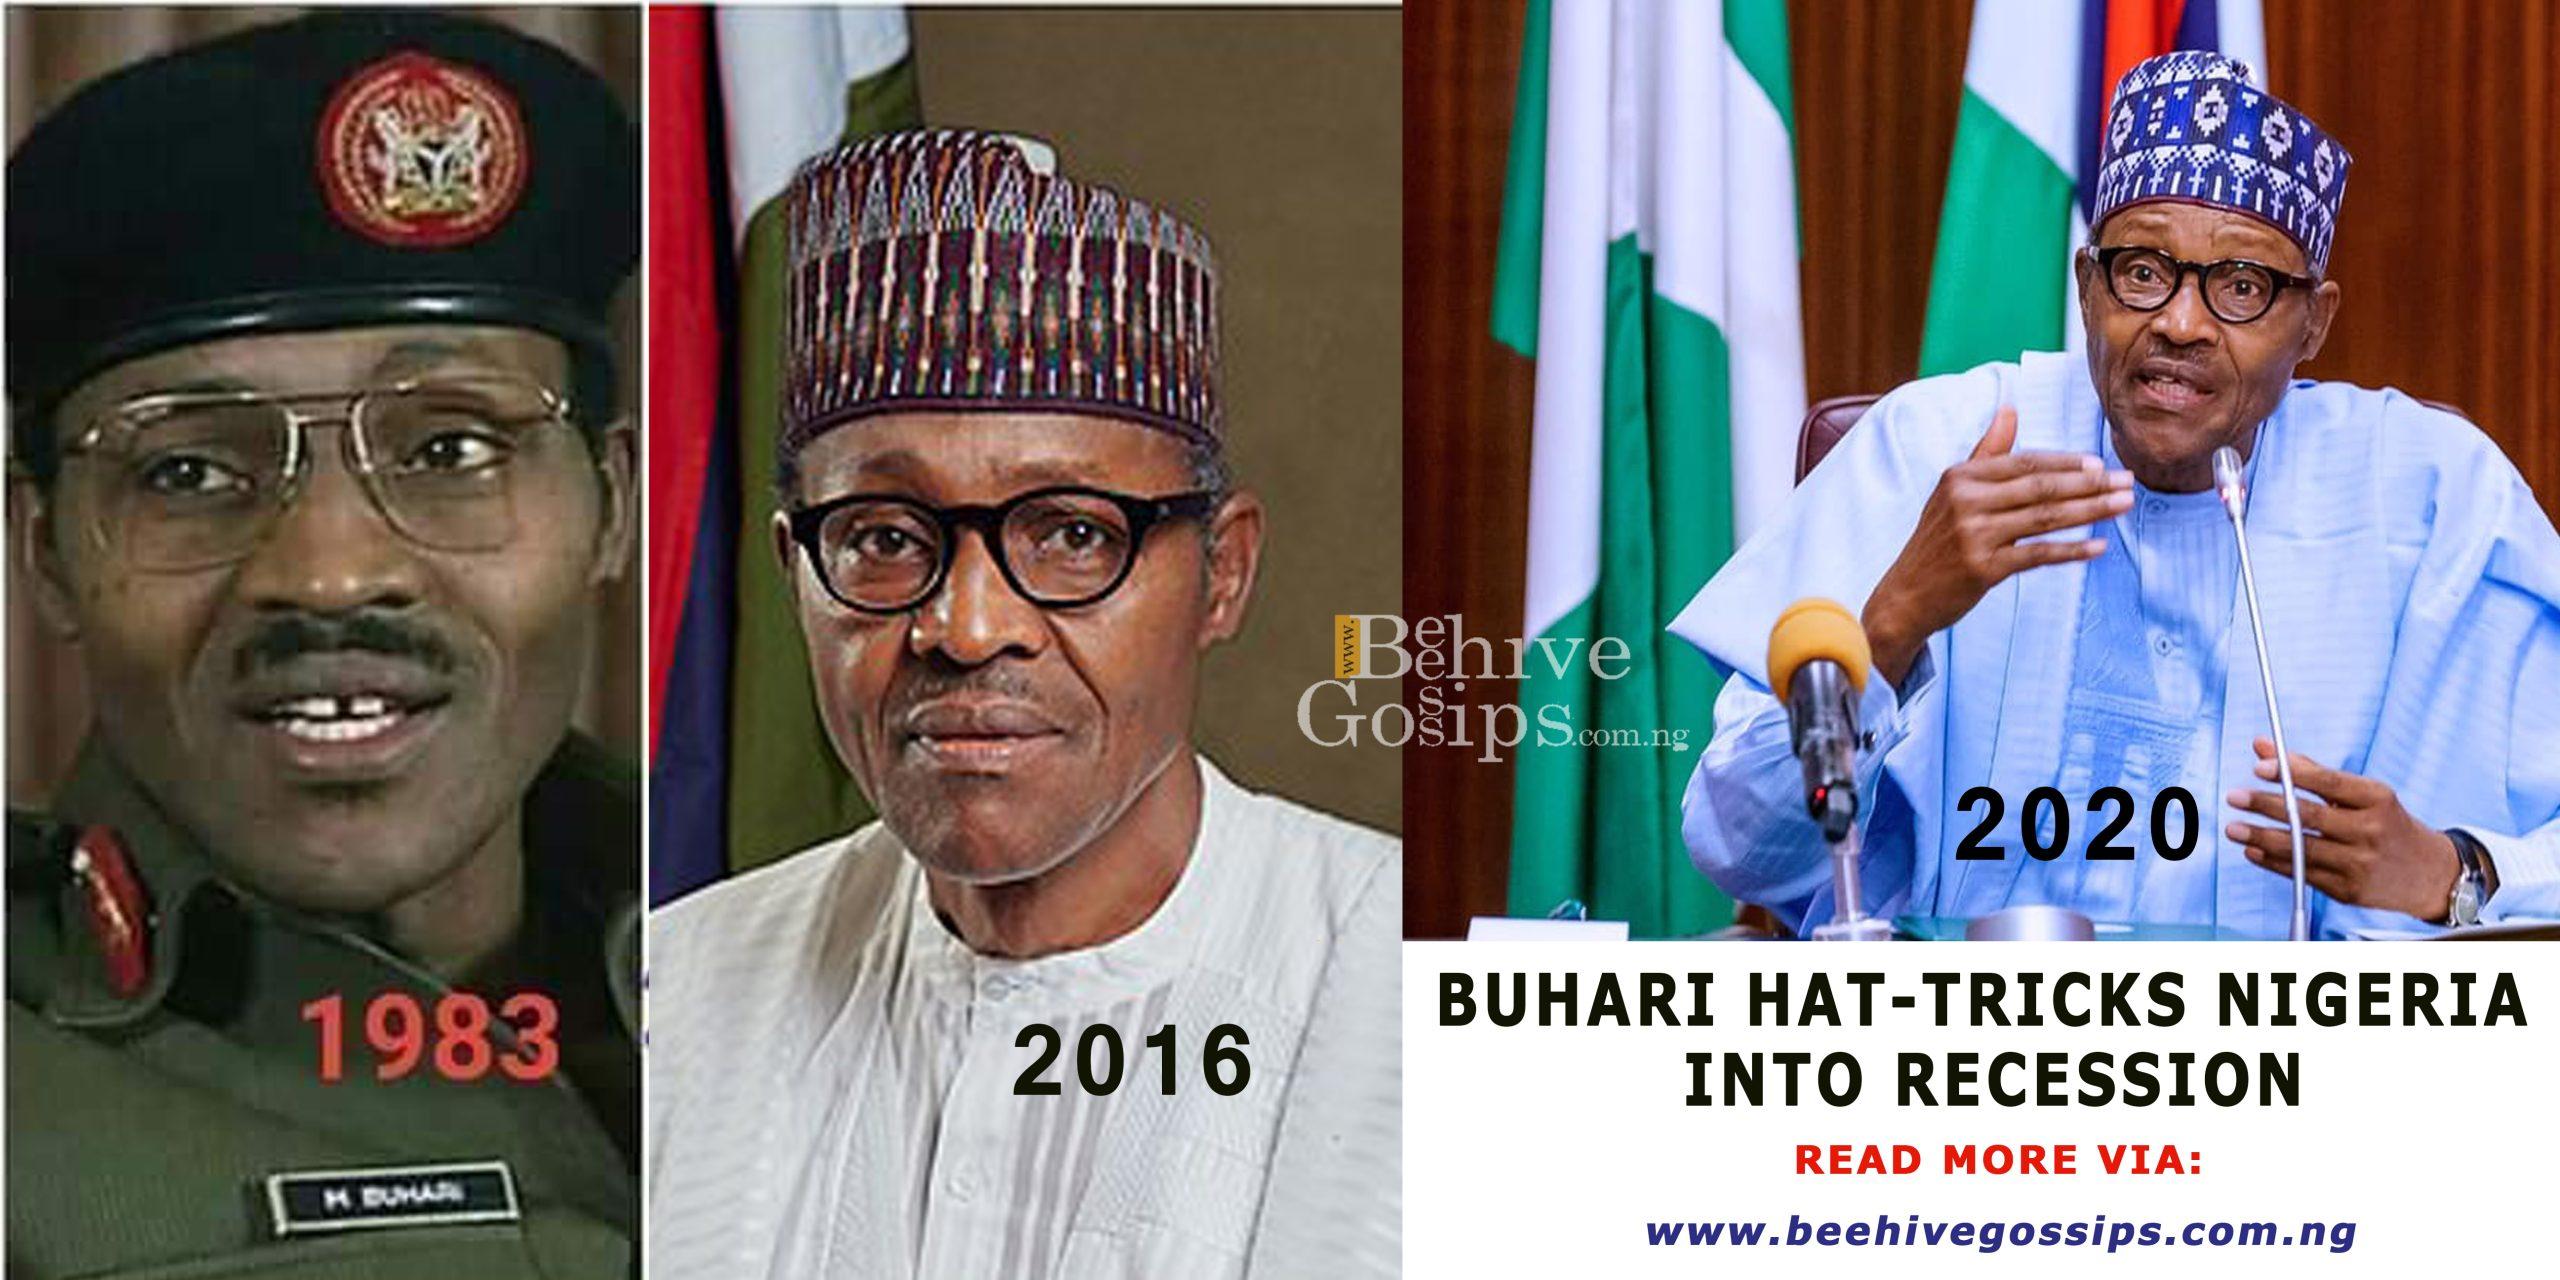 Buhari Hat-tricks Nigeria into Recession!